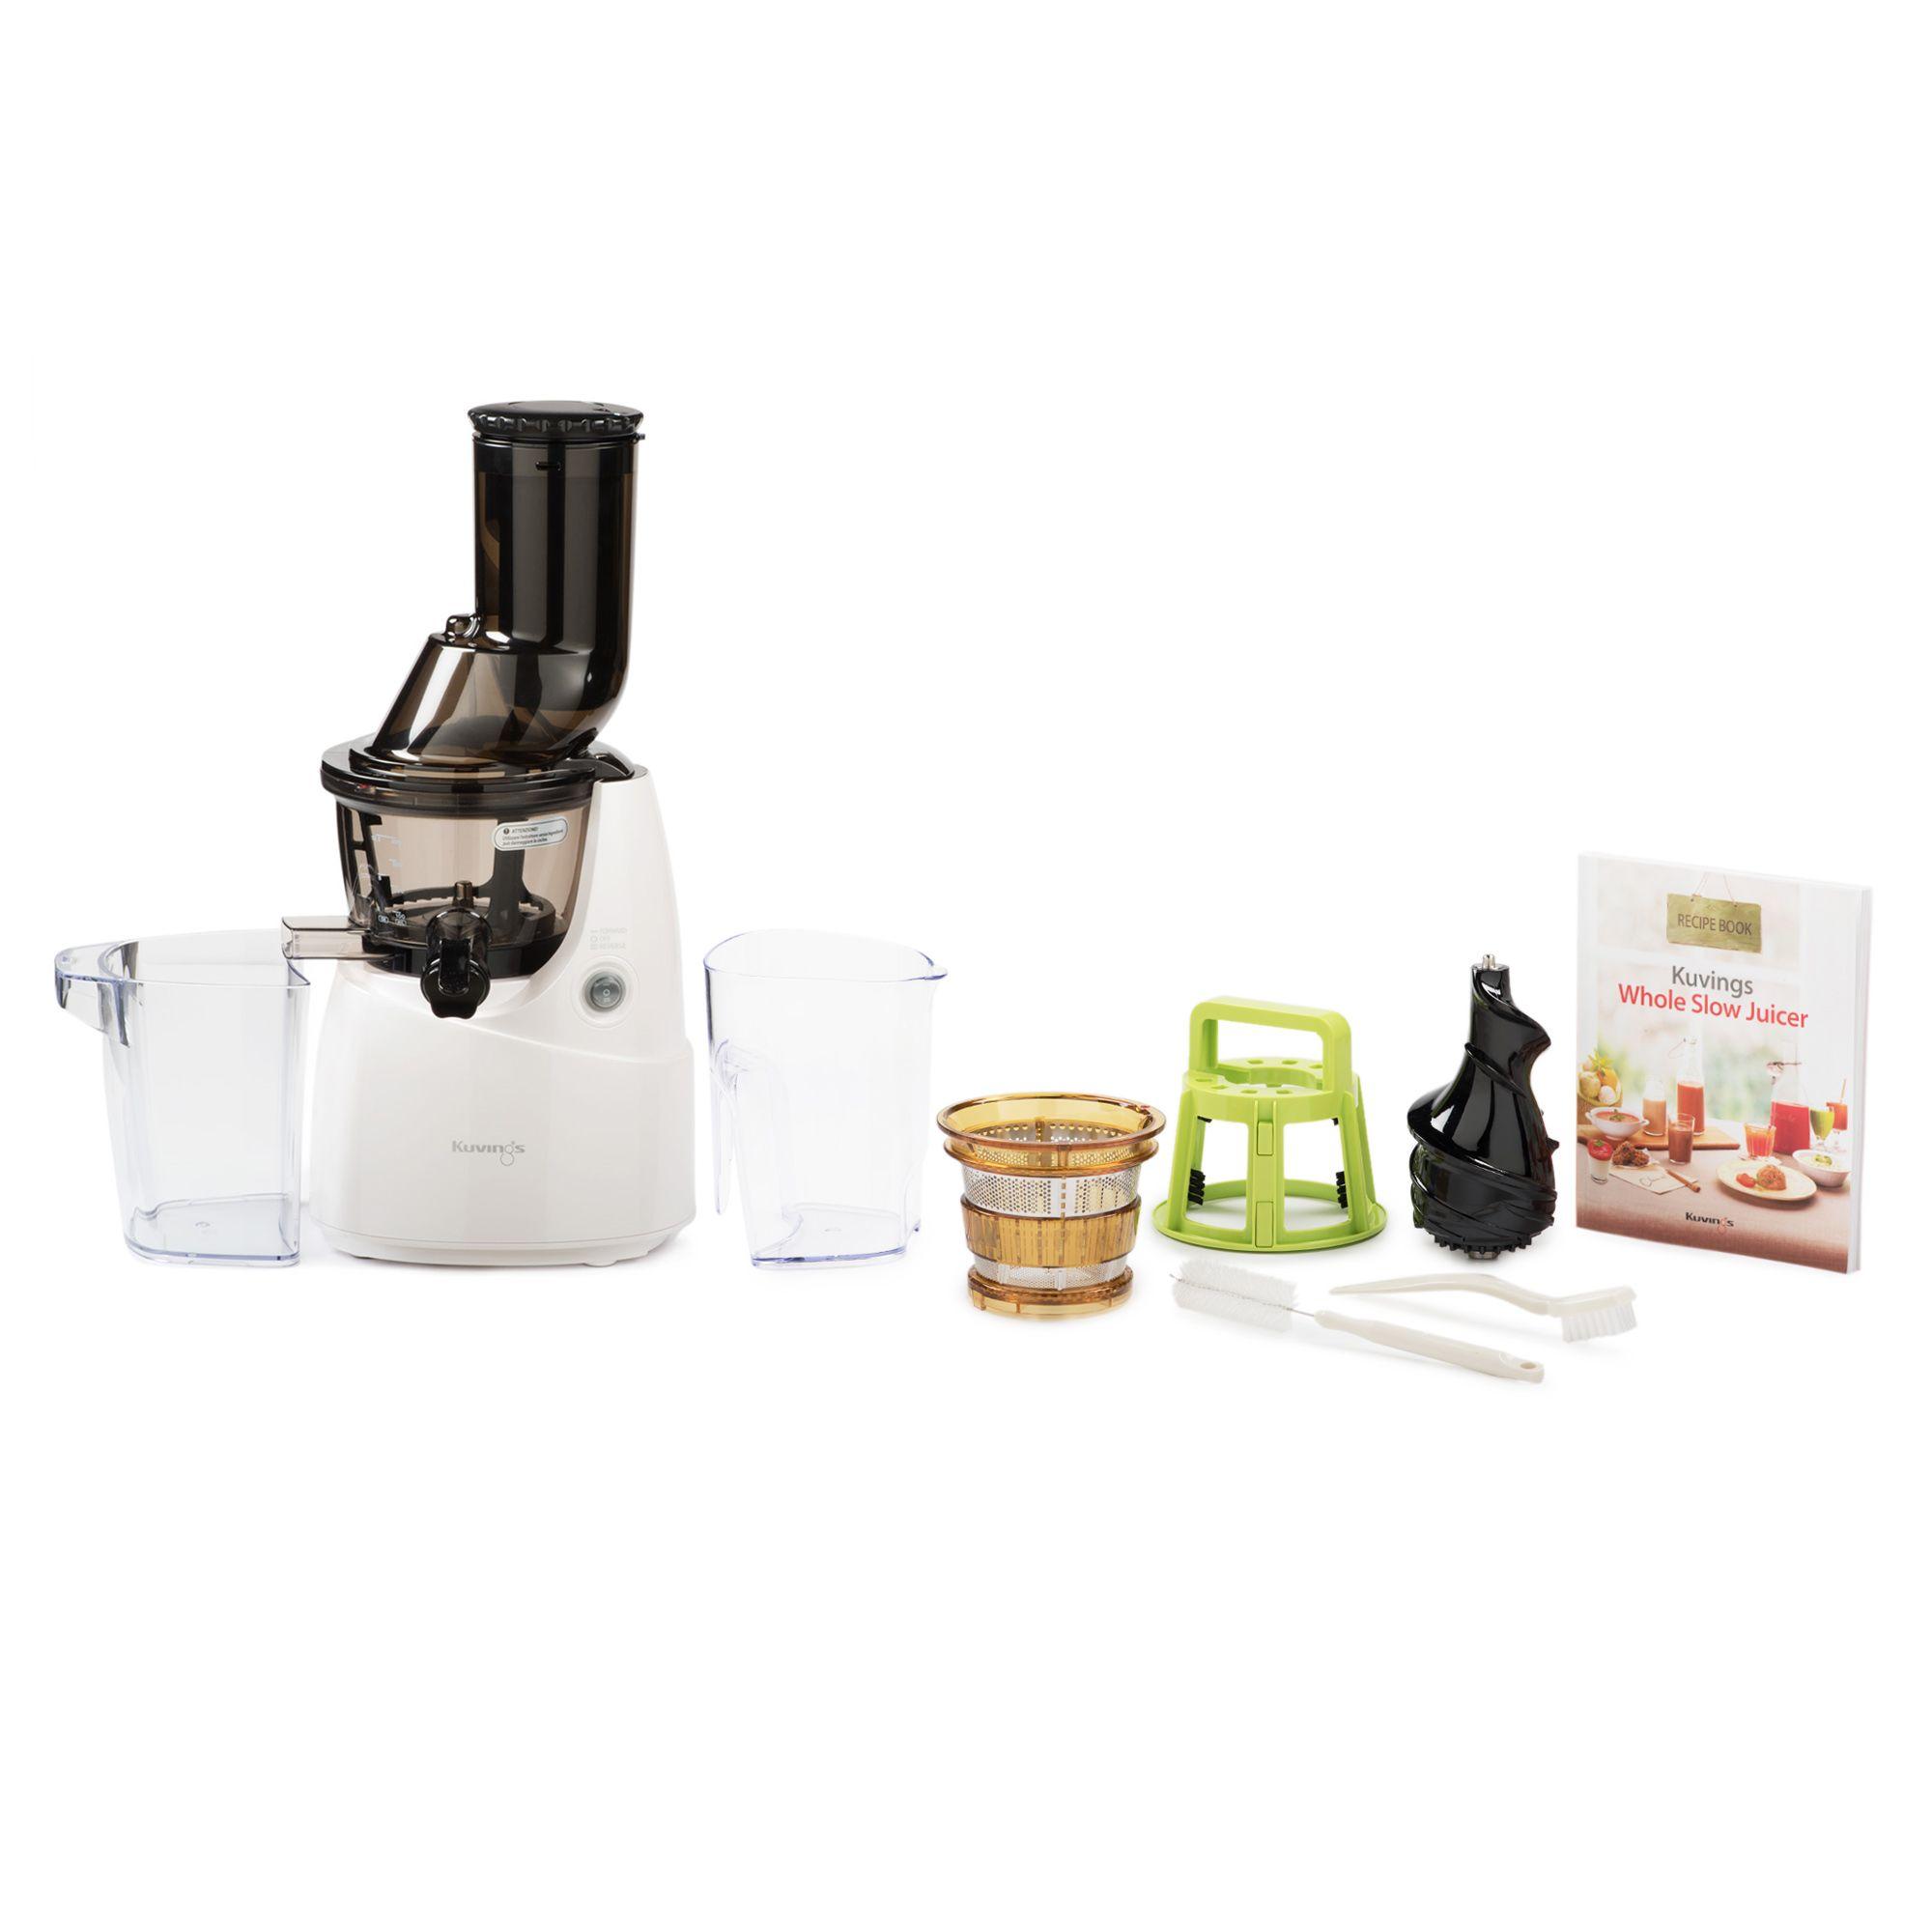 Kuvings whole slow juicer b6000 a bocca larga con accessorio filtro qvc italia - Qvc marchi cucina ...